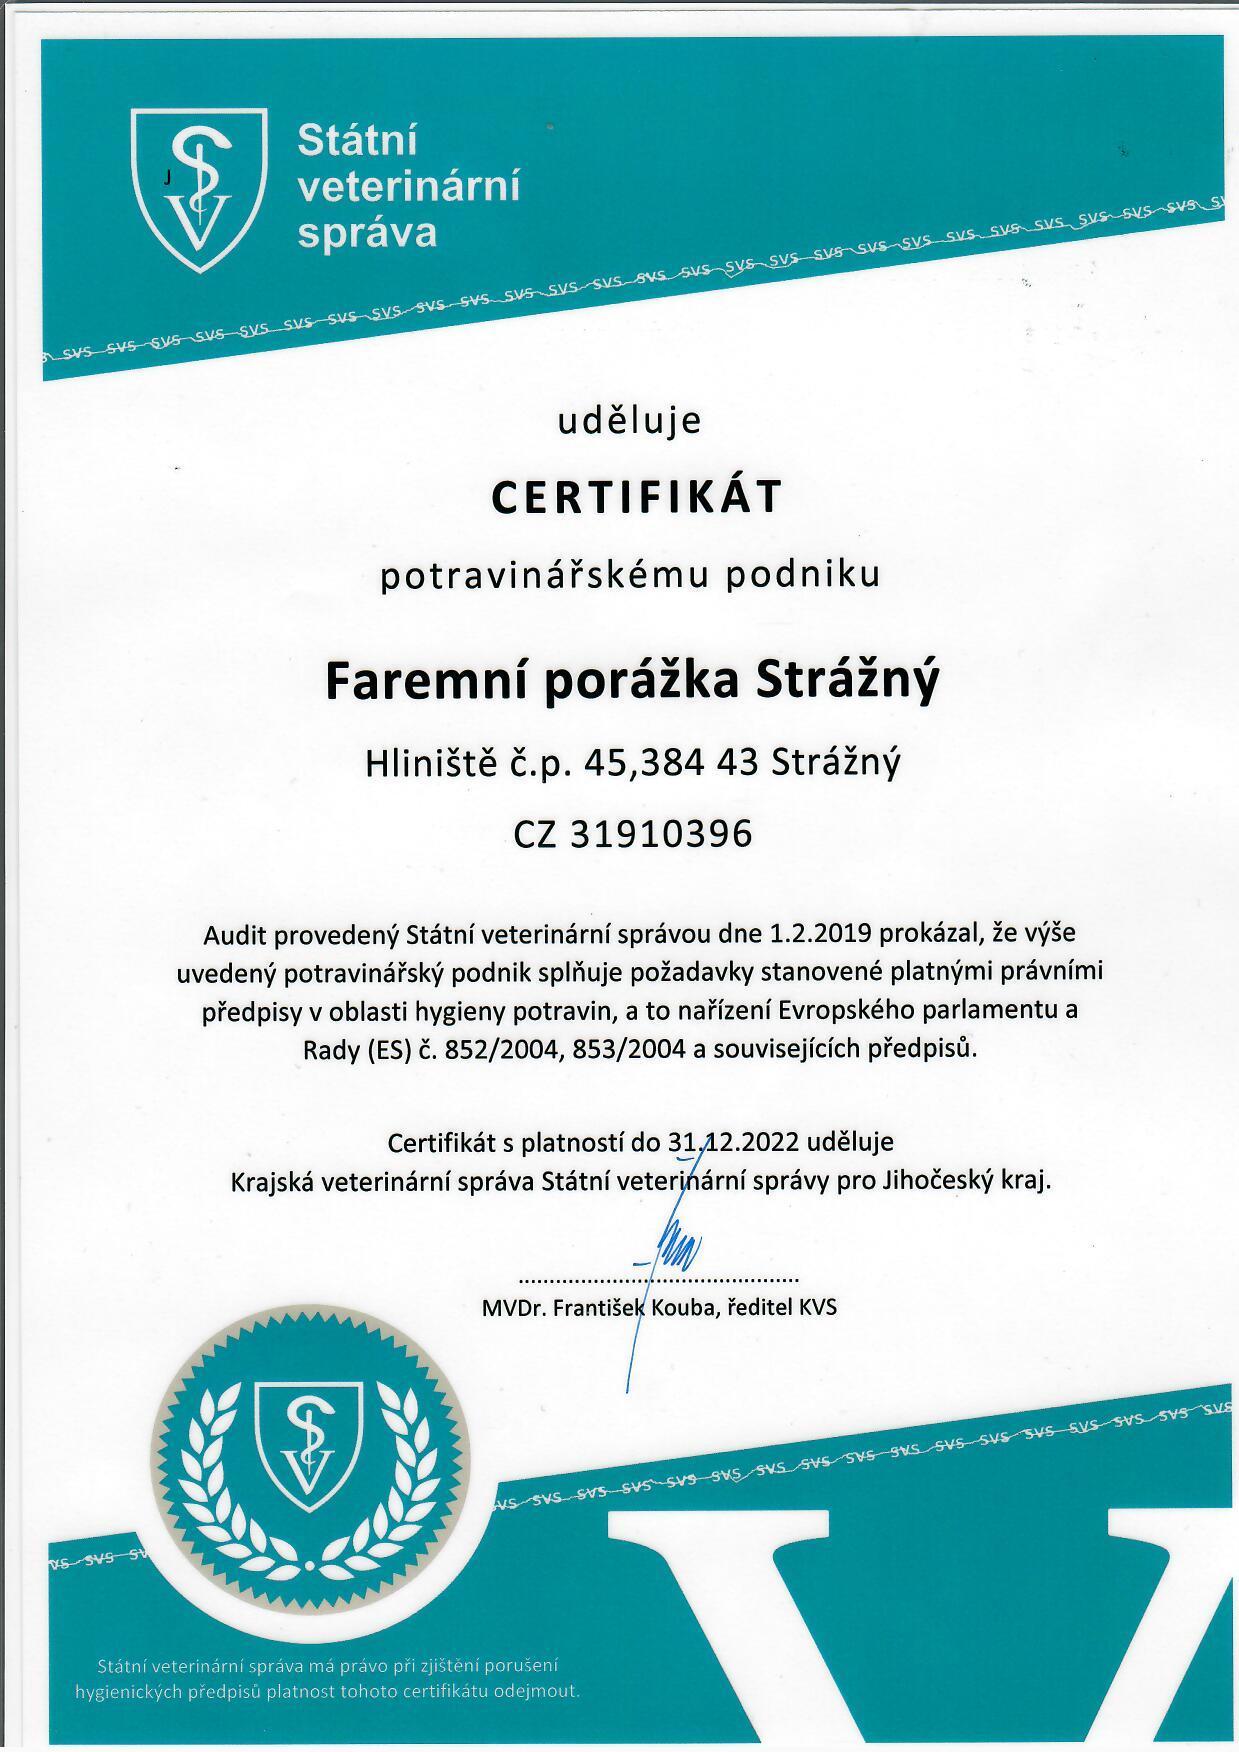 Audit Státní veterinární správy